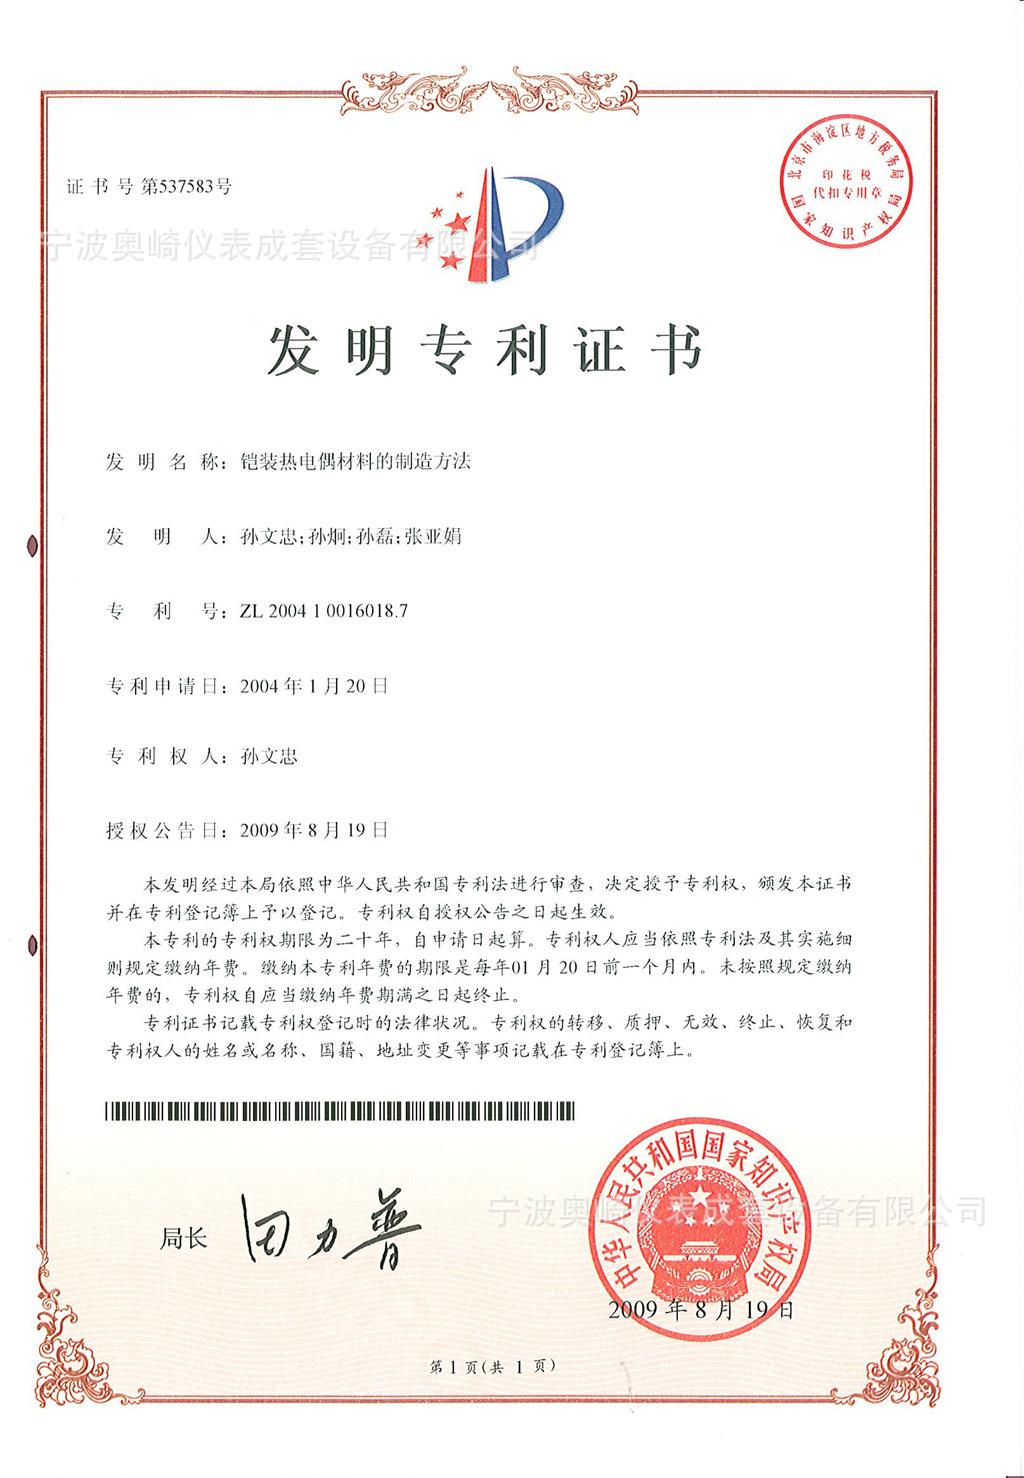 发明专利:铠装热电偶材料的制造方法